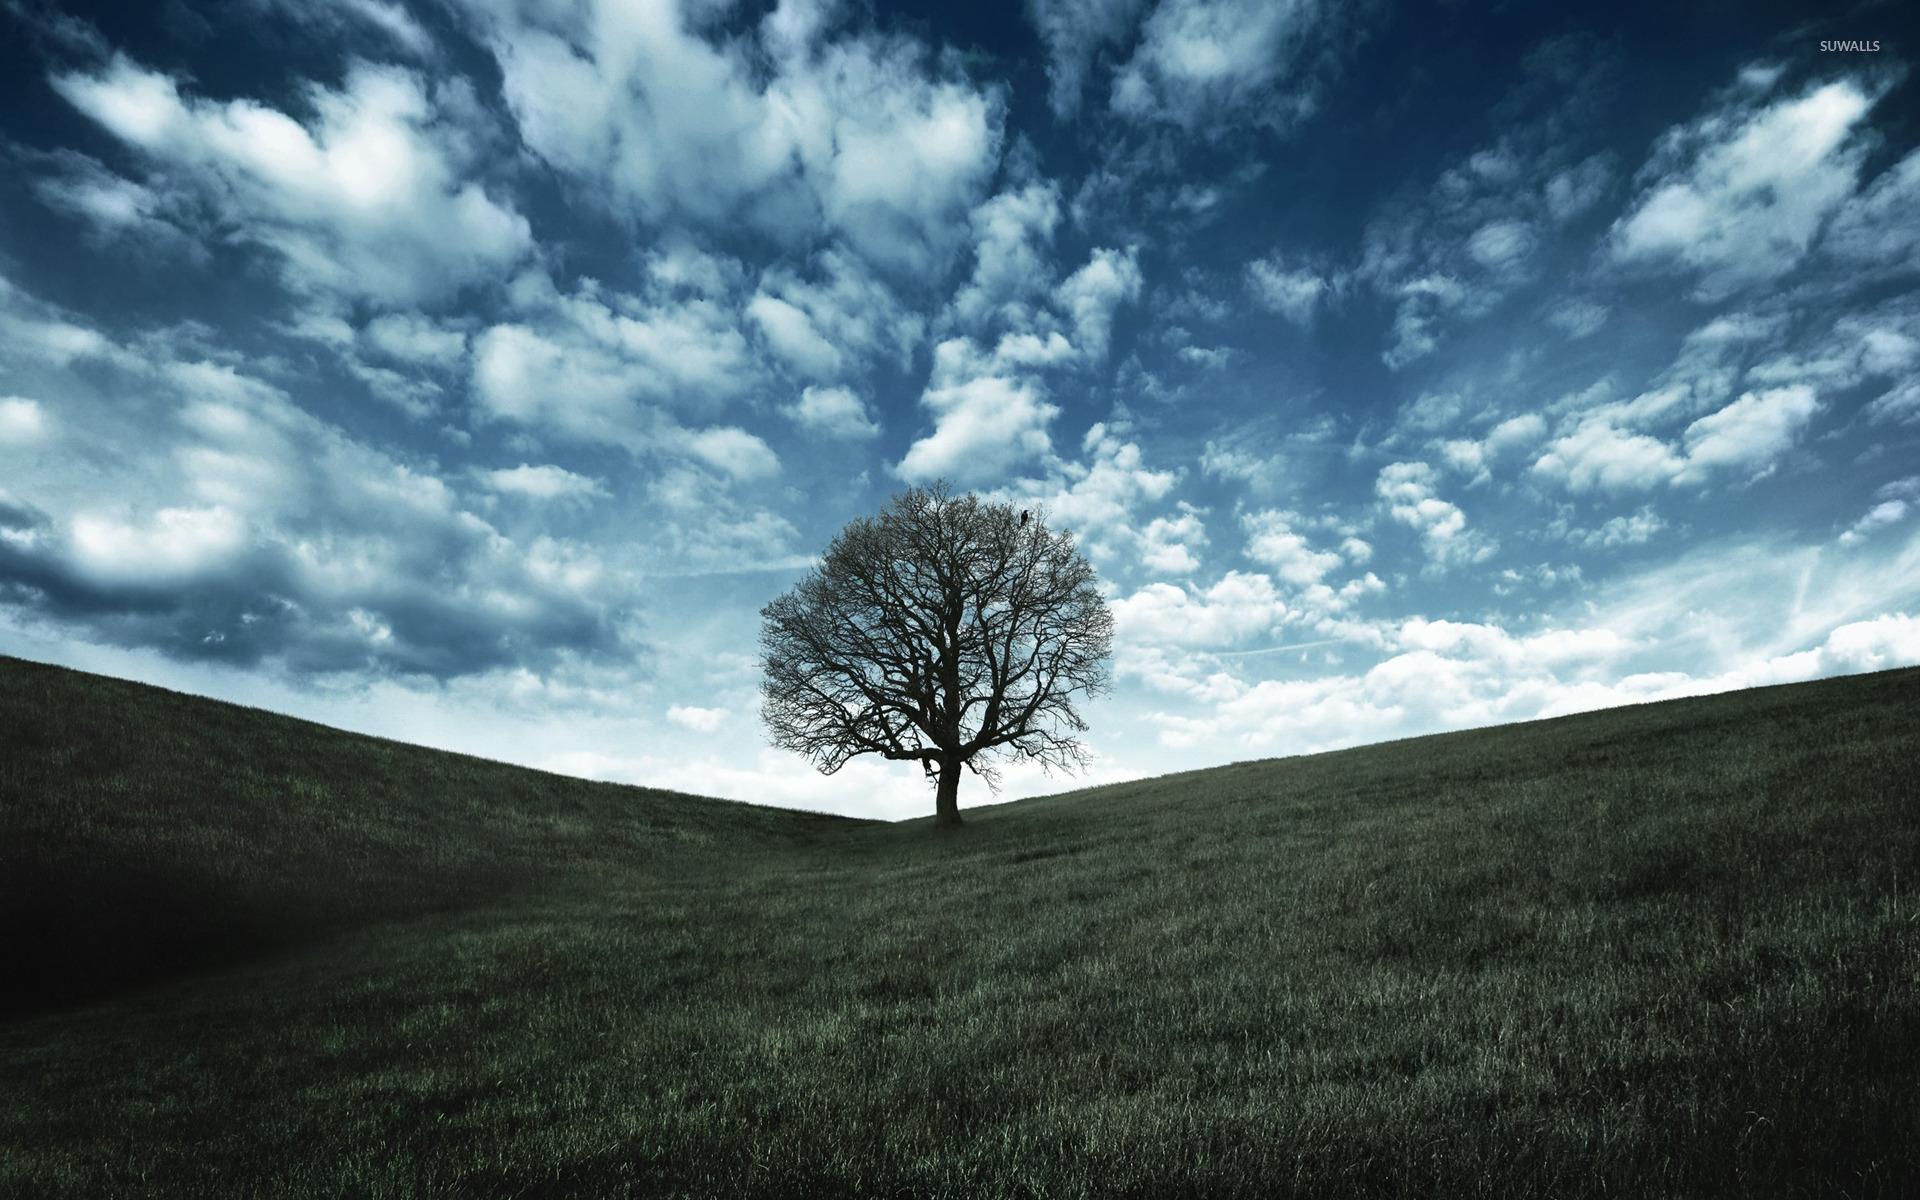 lonely tree wallpaper Wallpaper Wide HD